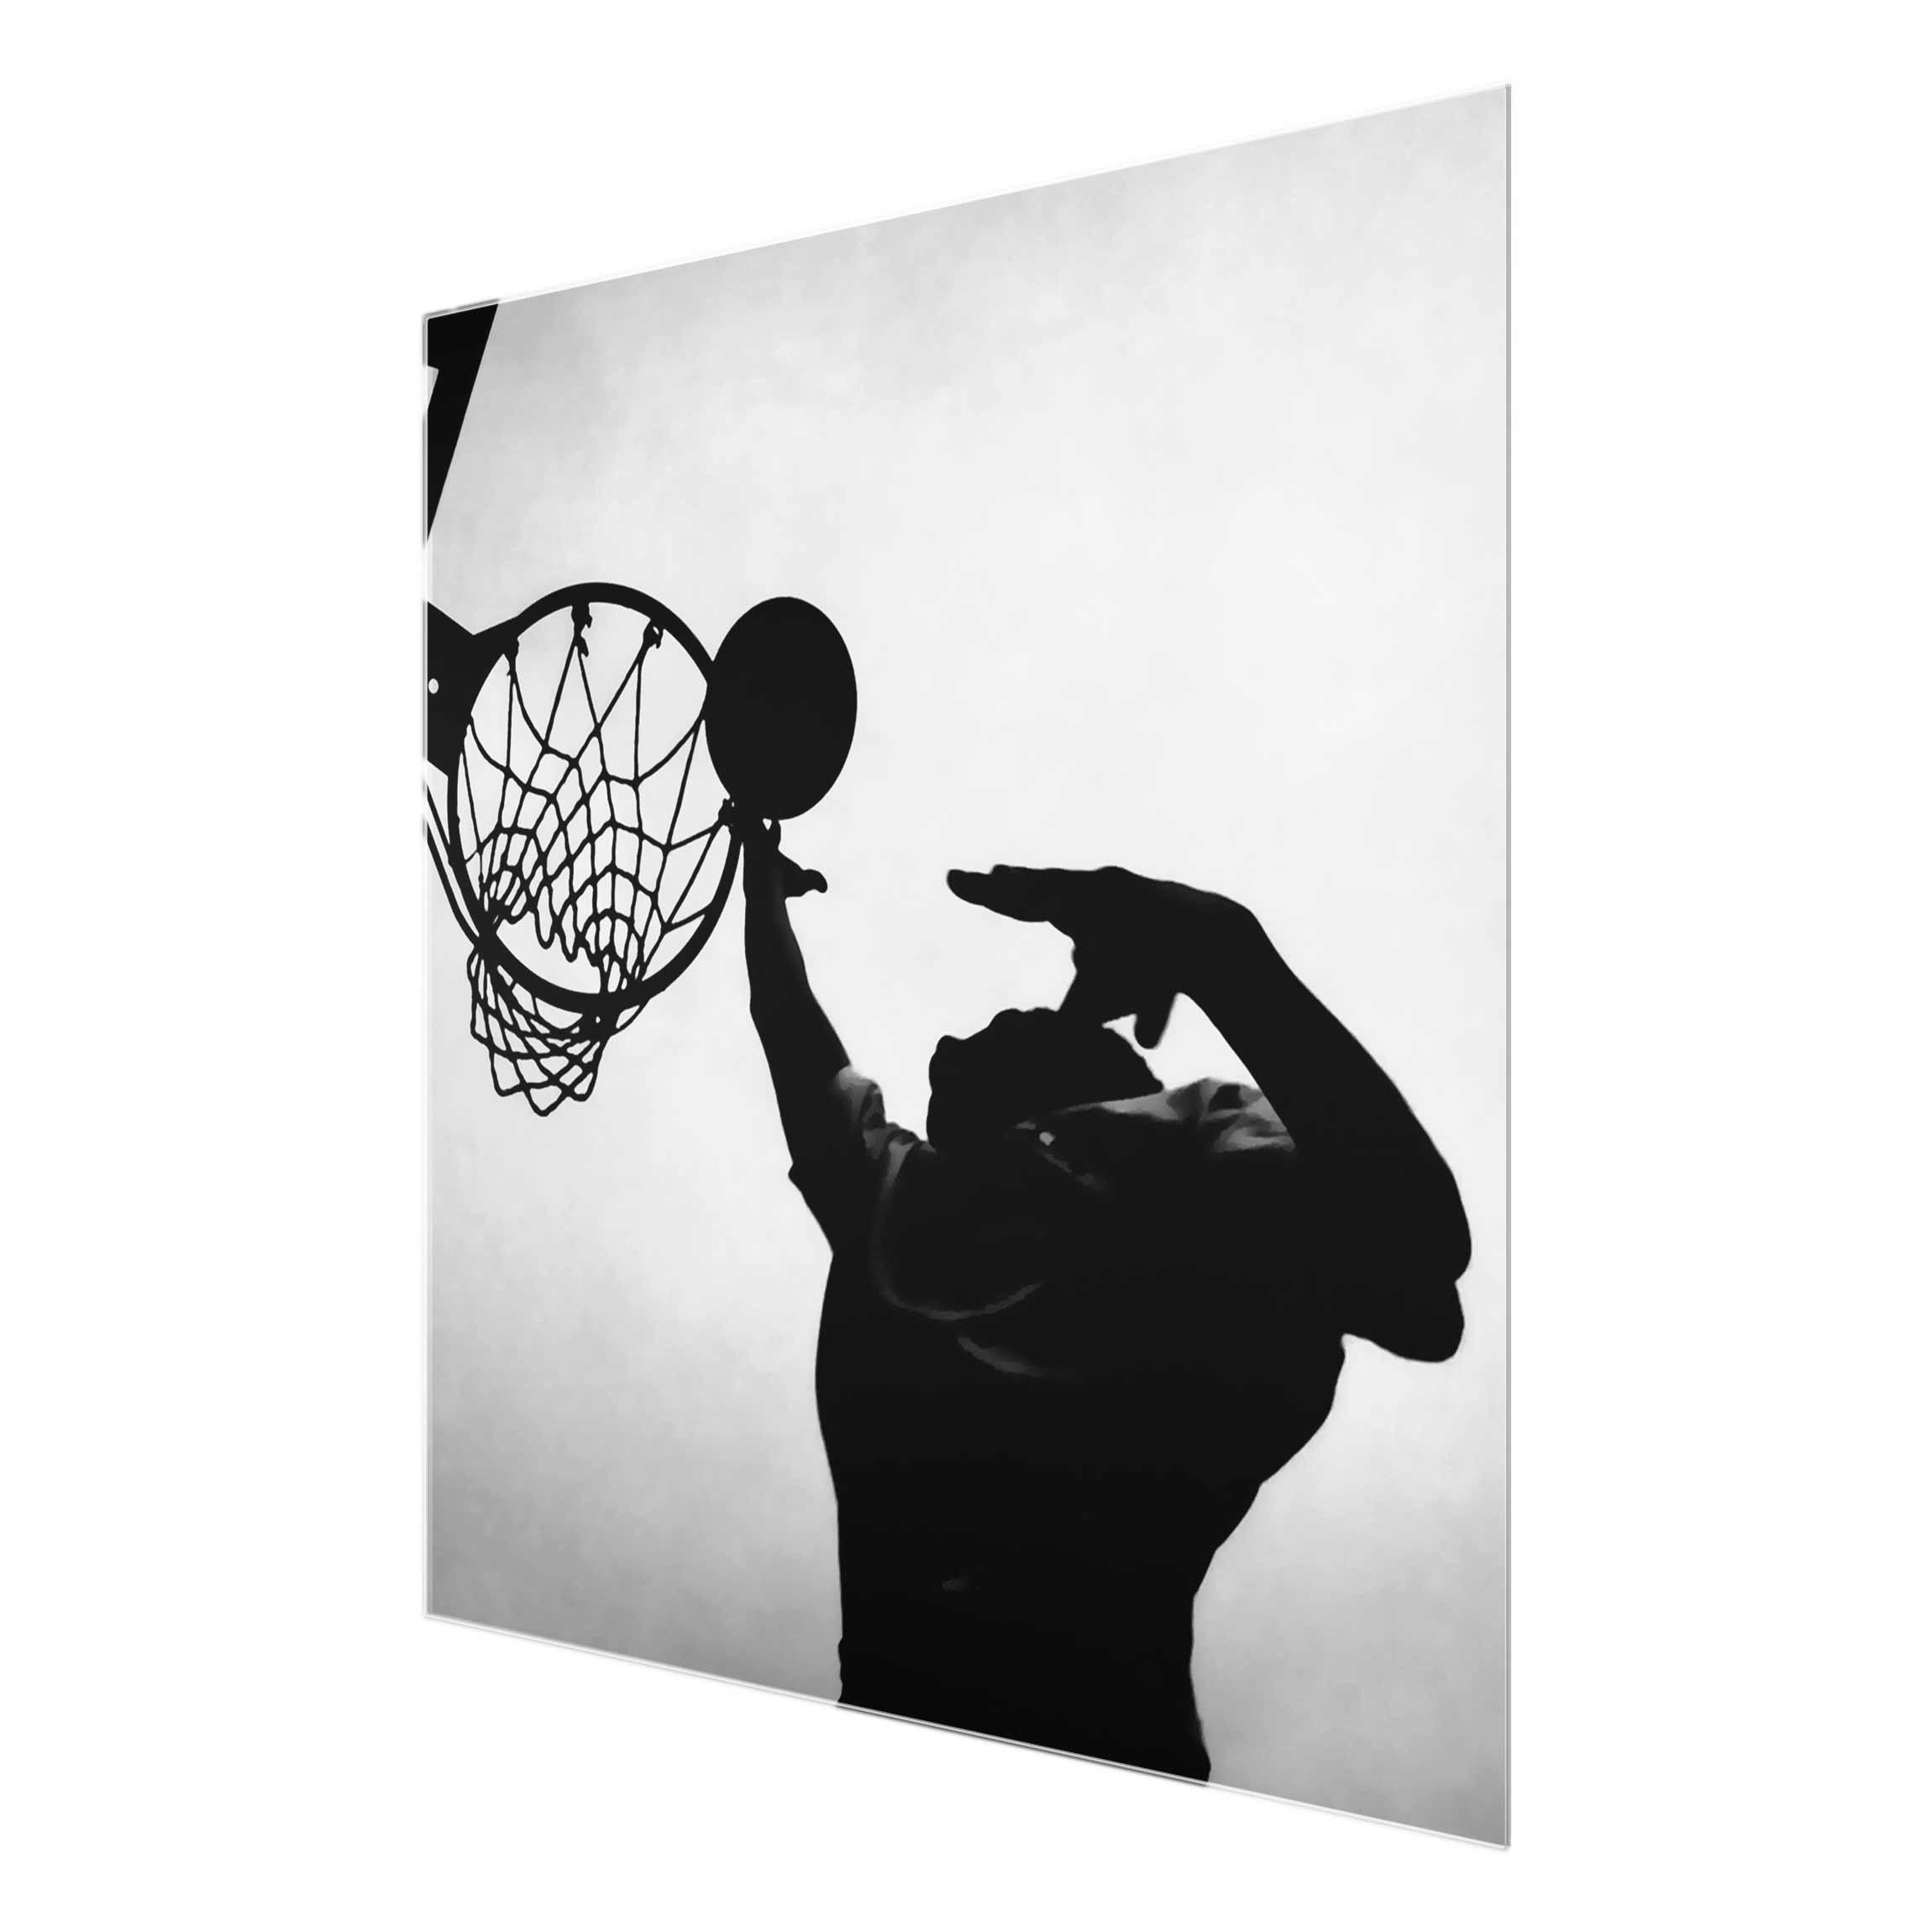 Full Size of Glasbild 120x50 Basketball Schwarz Wei Glasbilder Bad Küche Wohnzimmer Glasbild 120x50